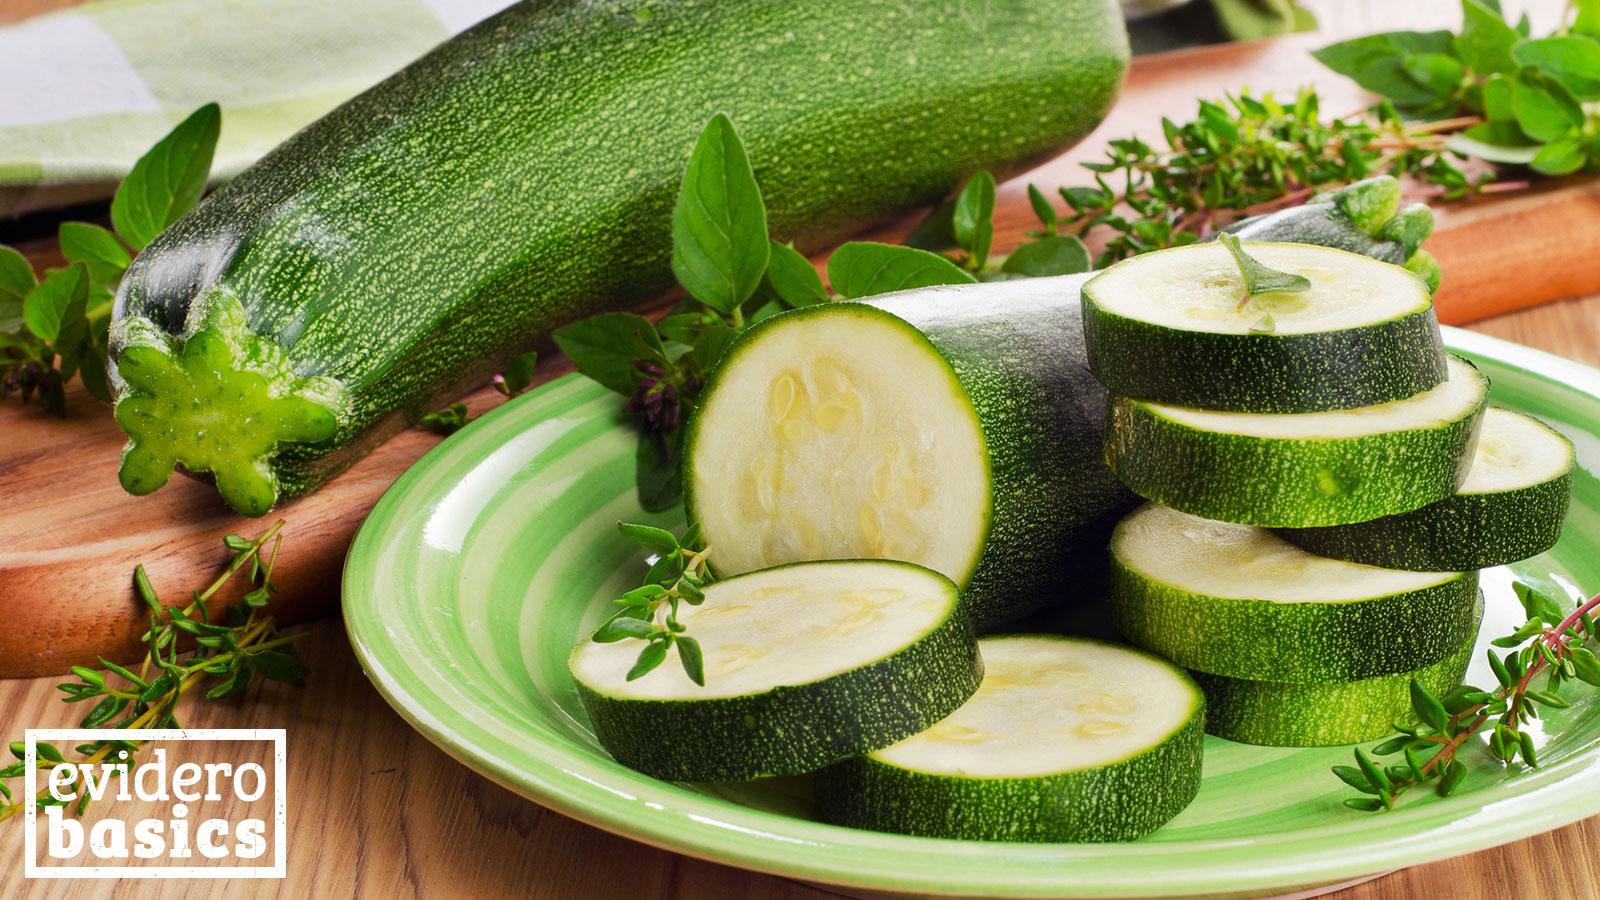 zucchini ist gesund und hat wenig kalorien evidero. Black Bedroom Furniture Sets. Home Design Ideas